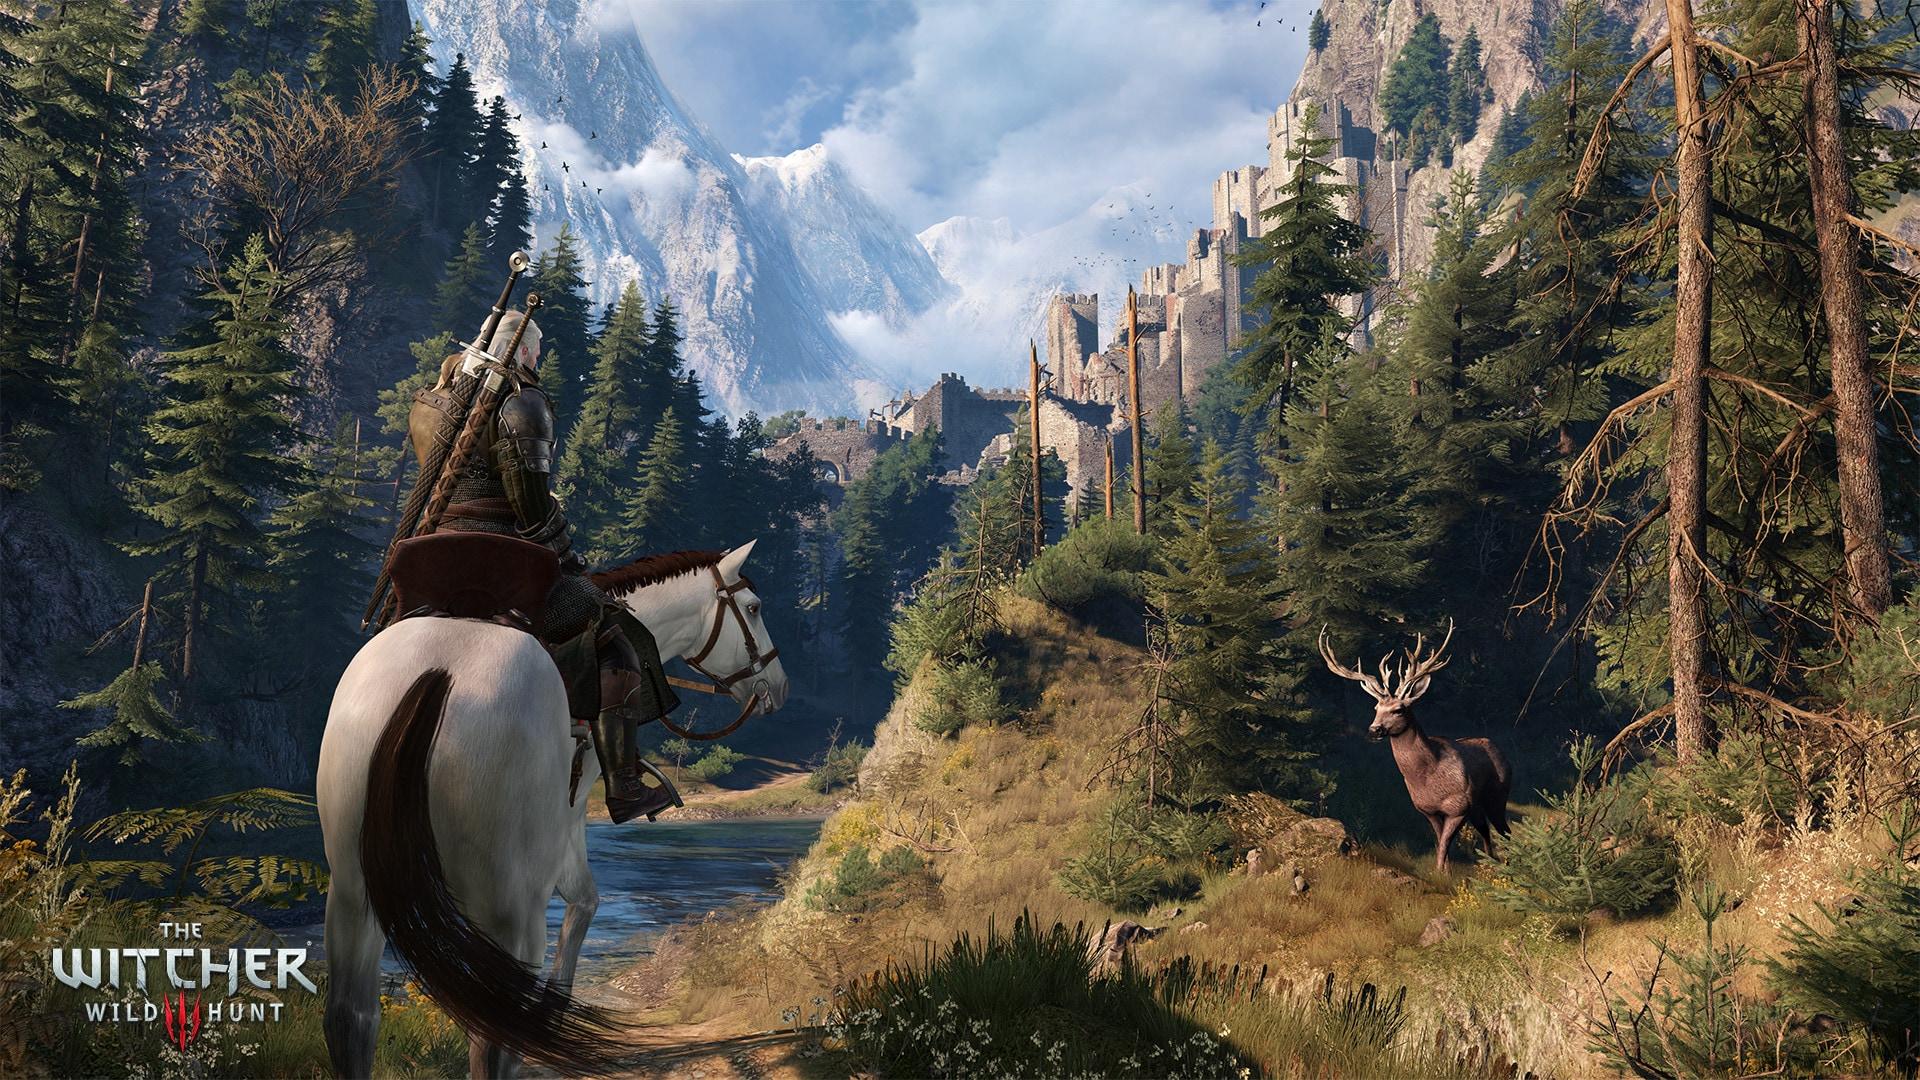 The Witcher 3: Wild Hunt GOG.COM Key RU/CIS - 4